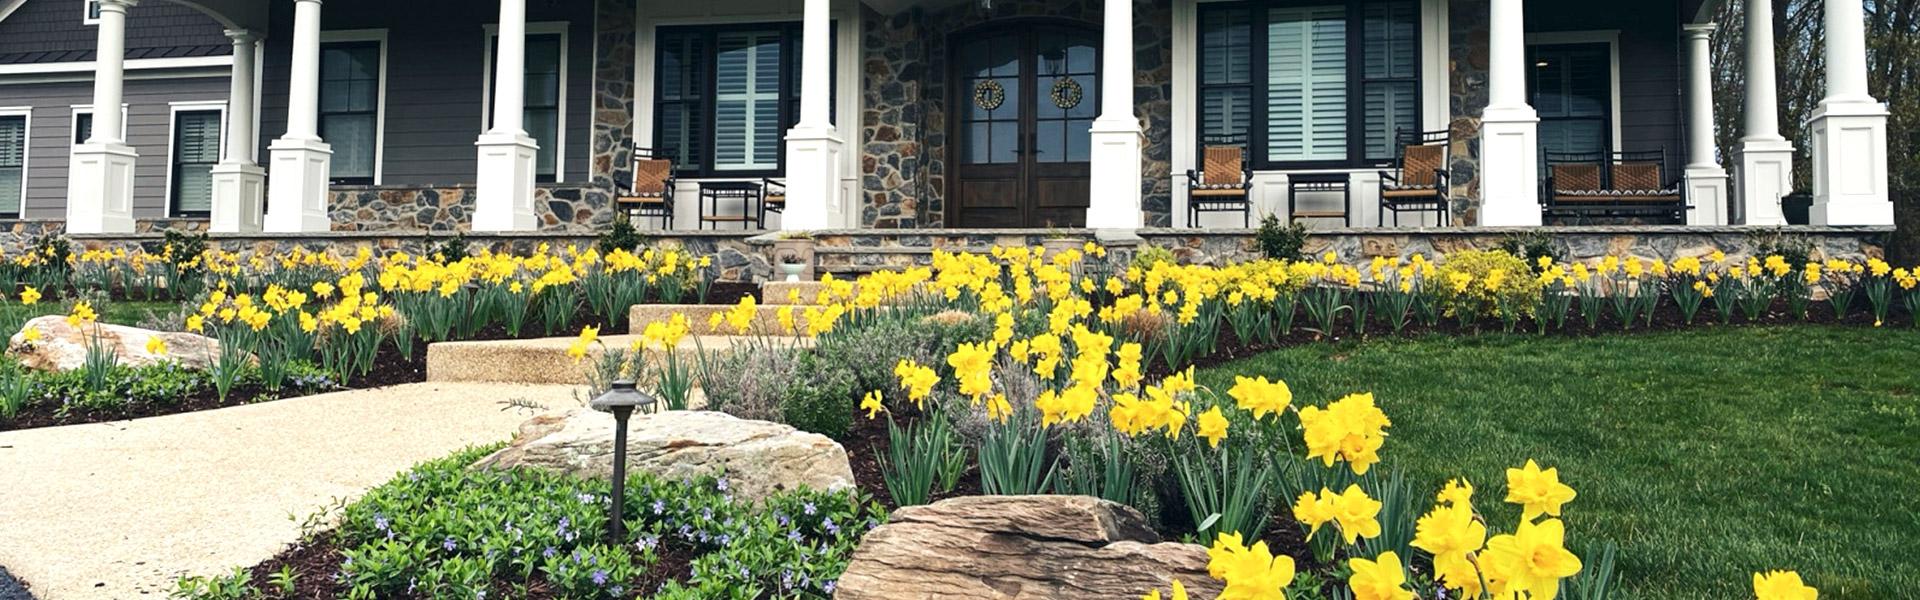 Landscaping Services in Sykesville, Ellicott City, Glenwood, MD, Glenelg